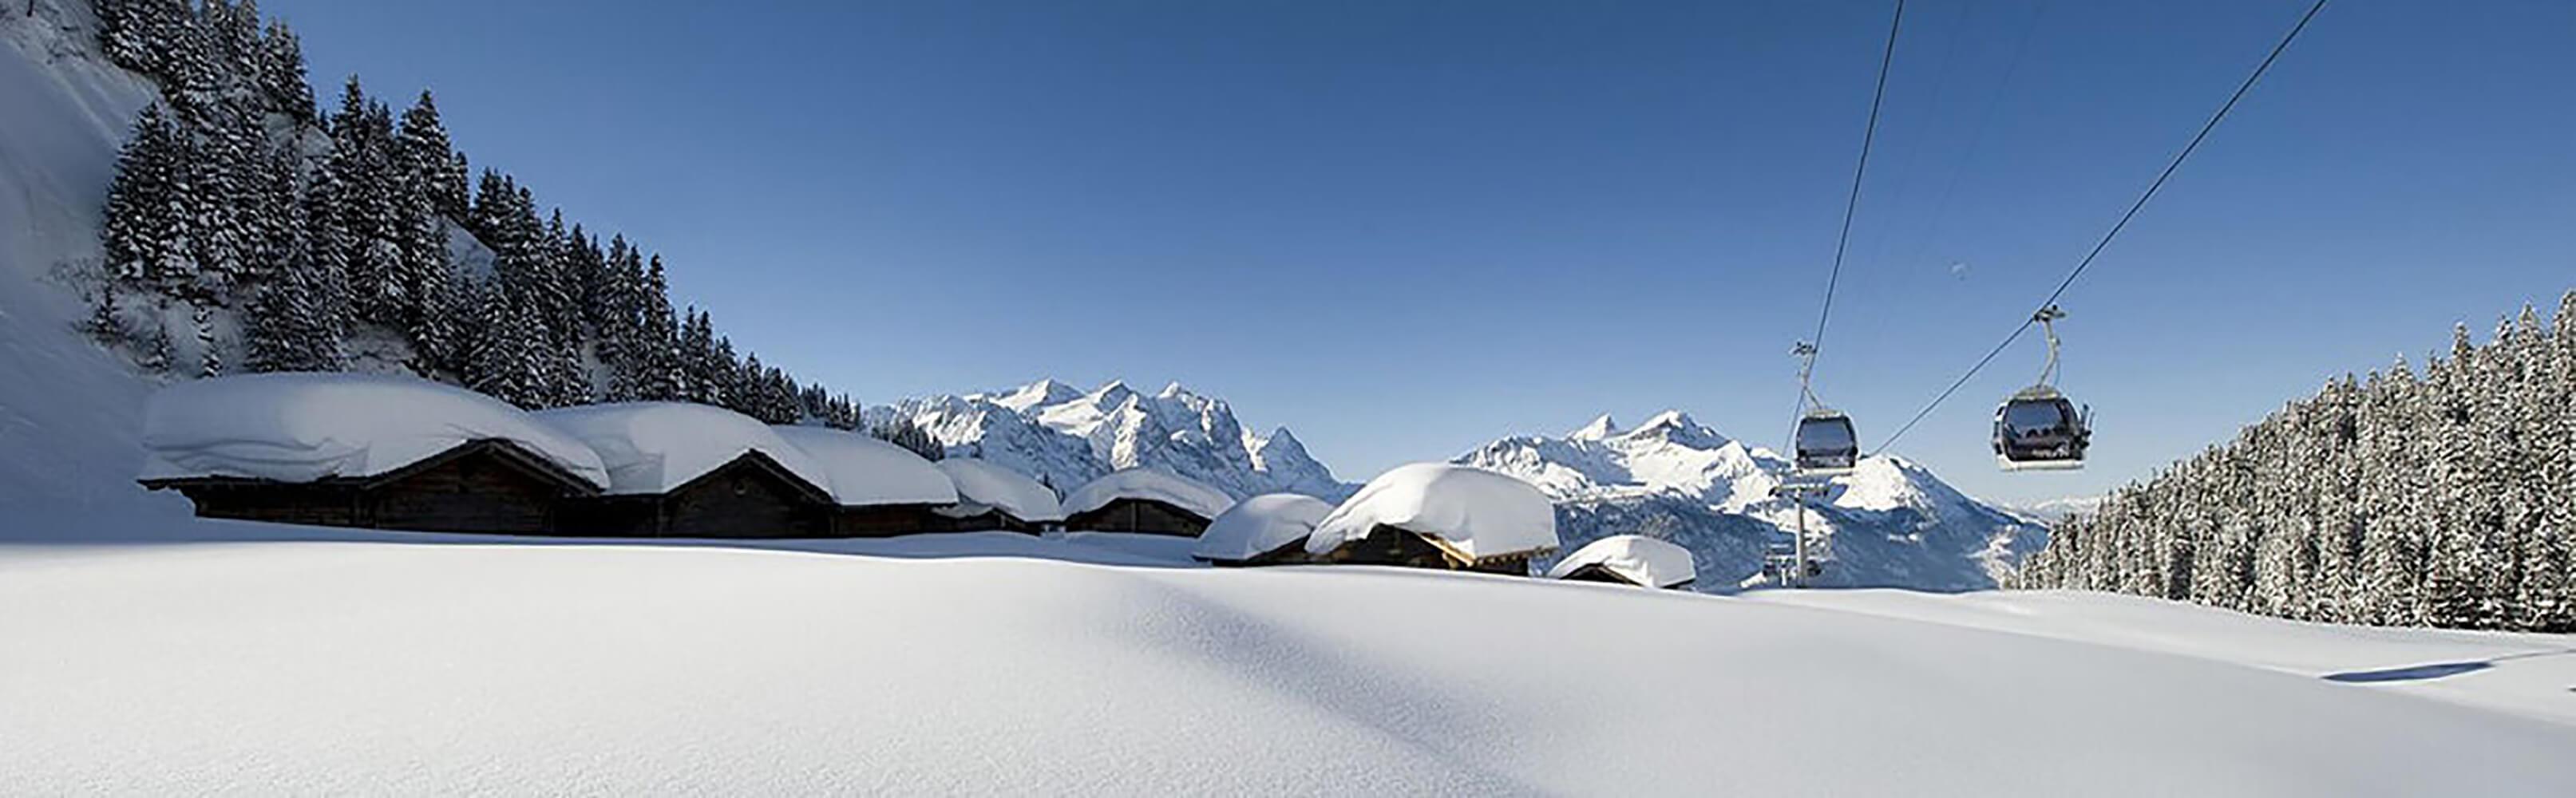 Meiringen-Hasliberg - Das Schneesportgebiet 1